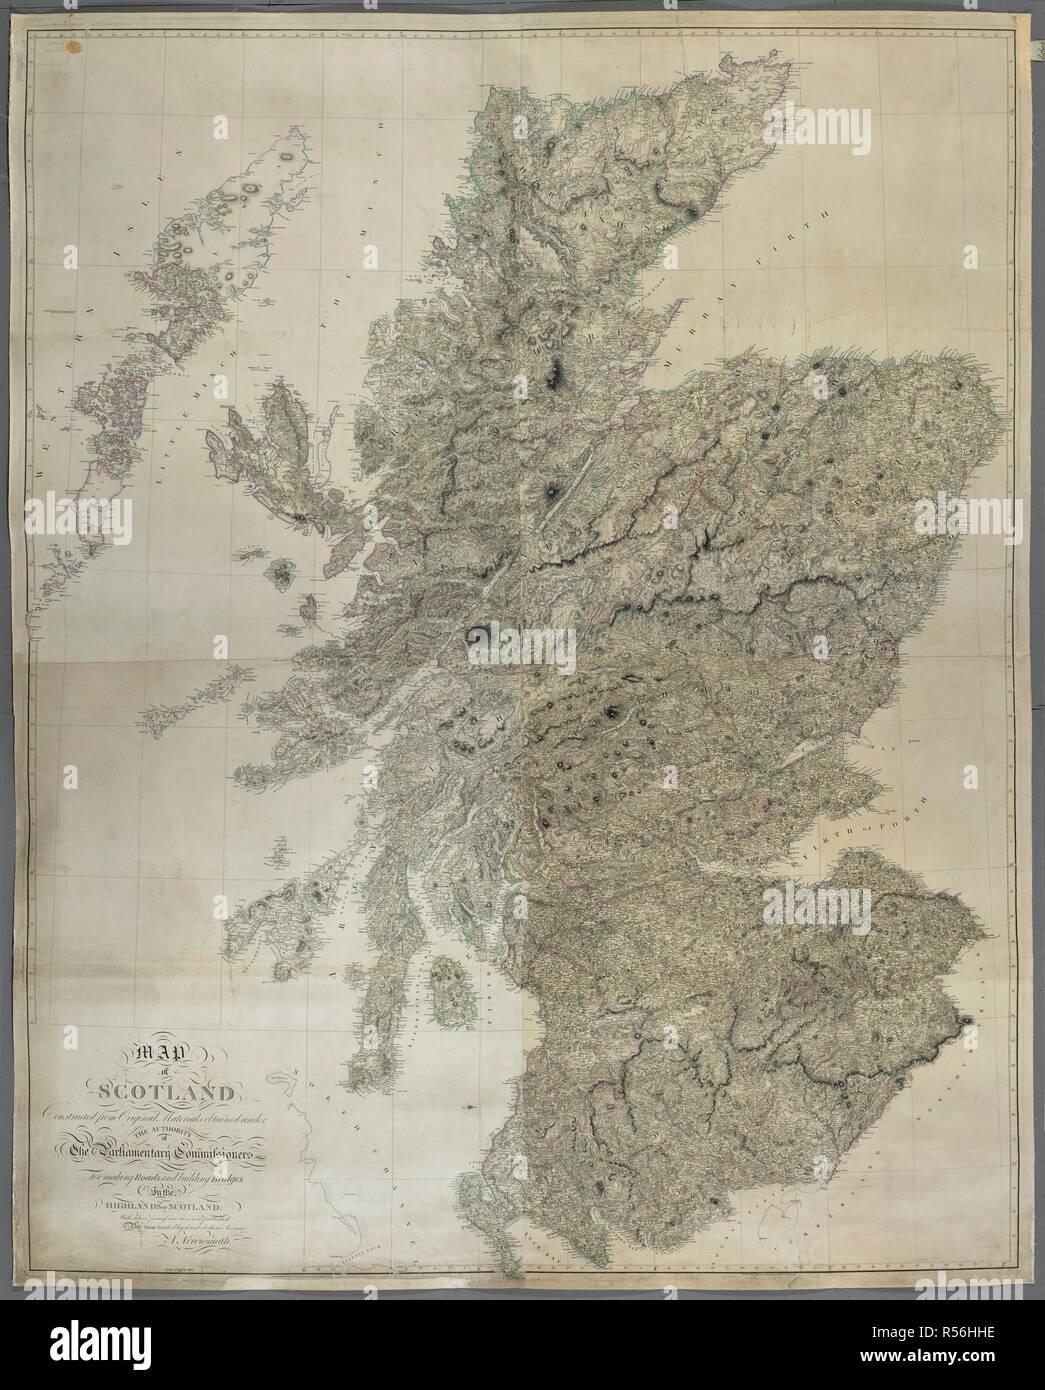 Schottland Karte Highlands.Eine Karte Von Schottland Karte Von Schottland Gebaut Aus Alten